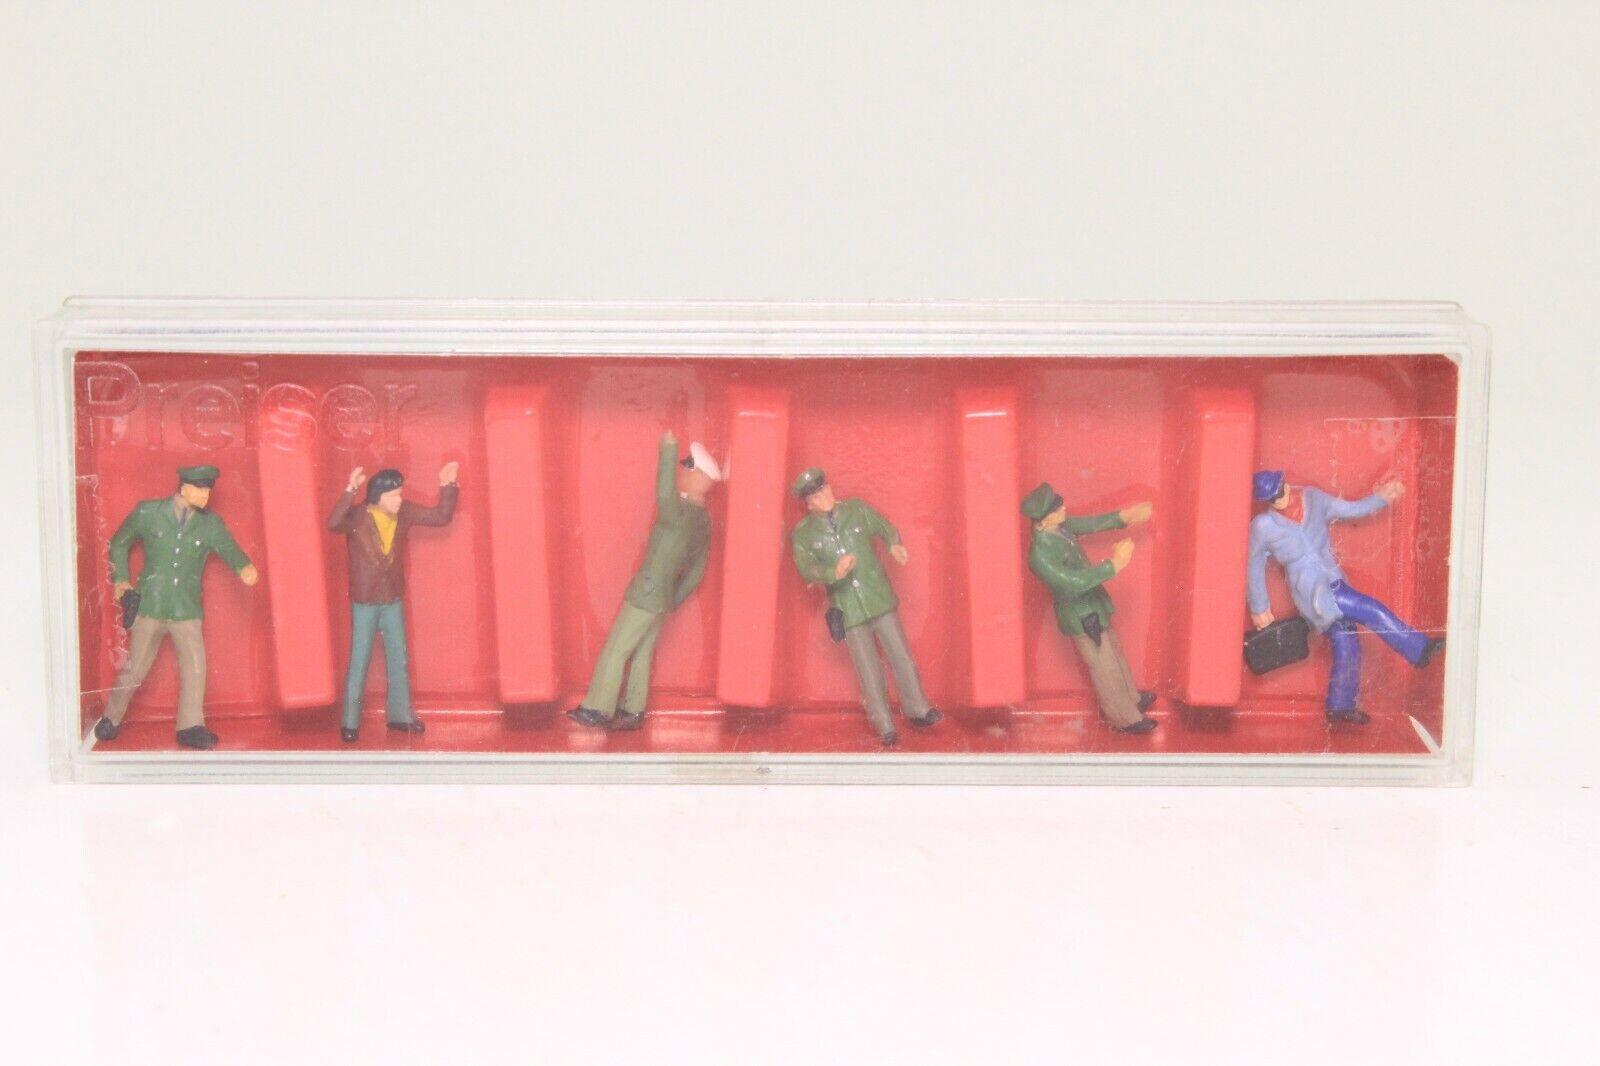 Preiser 14004 H0 Sitzende Reisende Bänke 6 Figuren handbemalt Neu